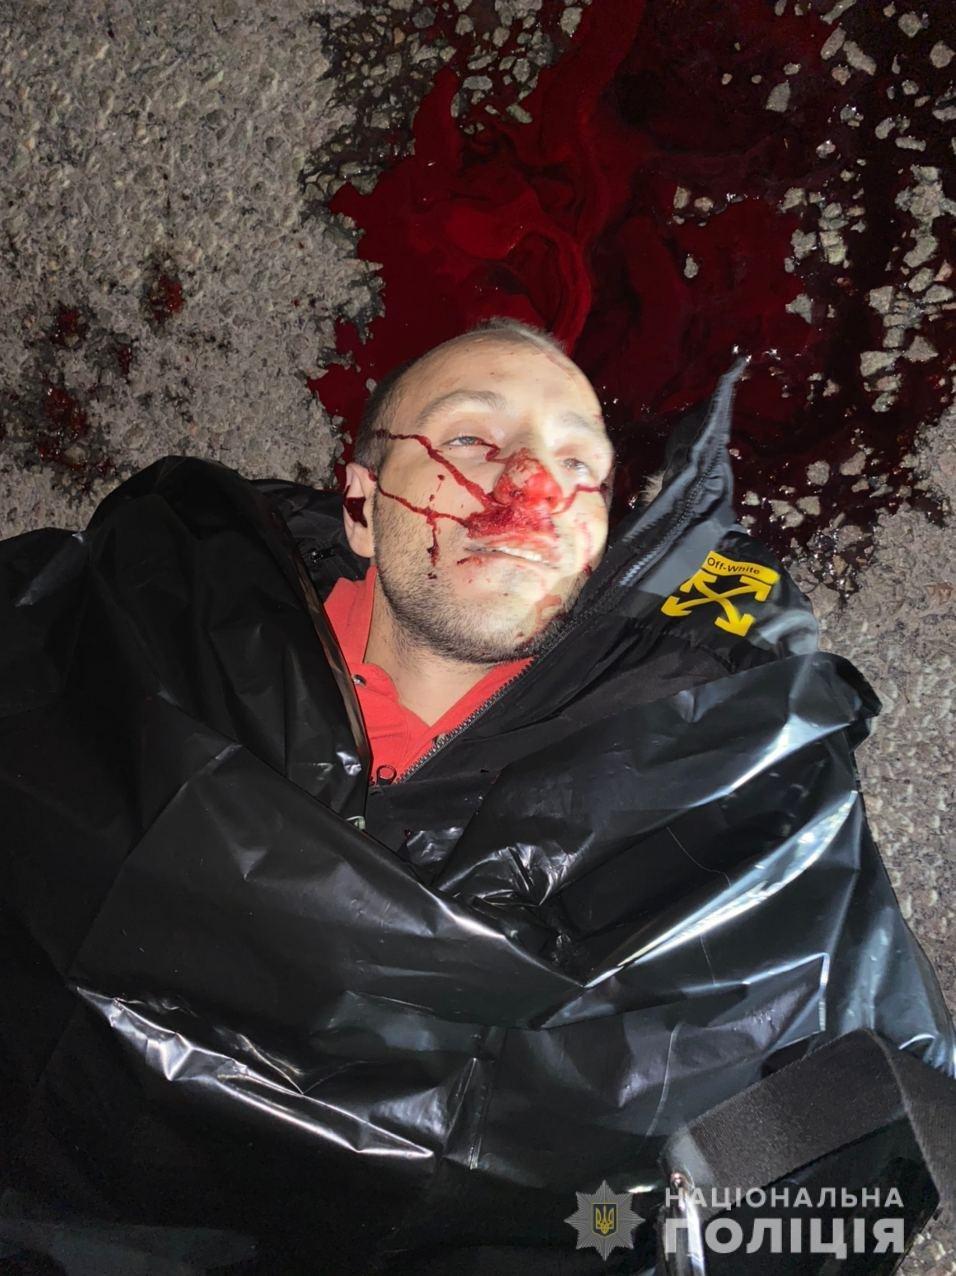 Возле Каменского на дороге нашли мужчину в крови: помогите опознать (18+), фото-2